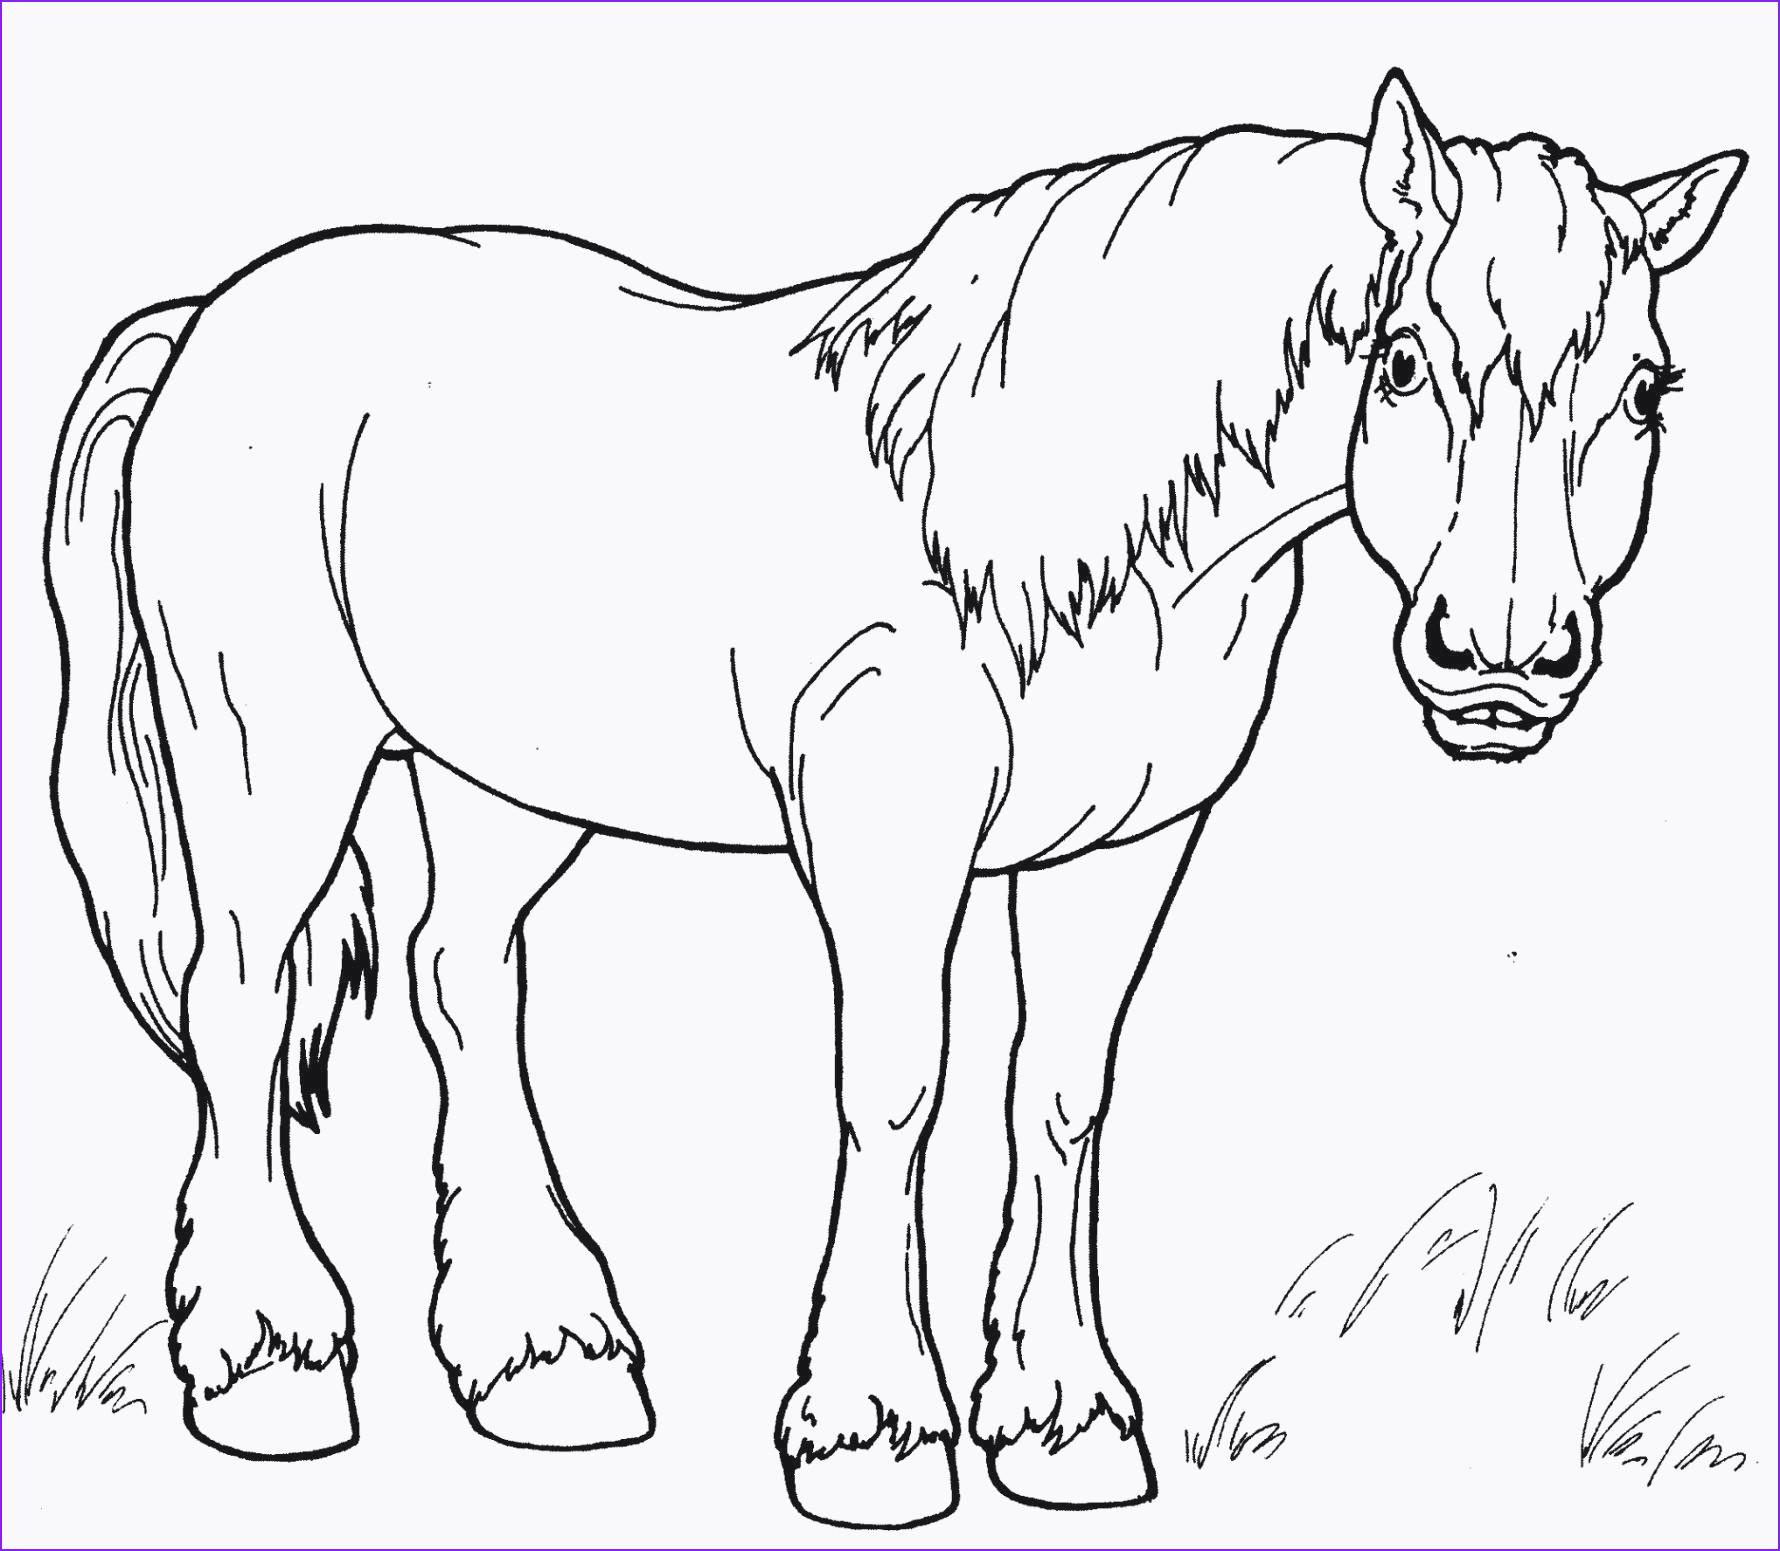 Pferde Bilder Zum Ausdrucken Das Beste Von Ausmalbilder Pferde Zum Ausdrucken Neueste Modelle Mini Ausmalbilder Bilder